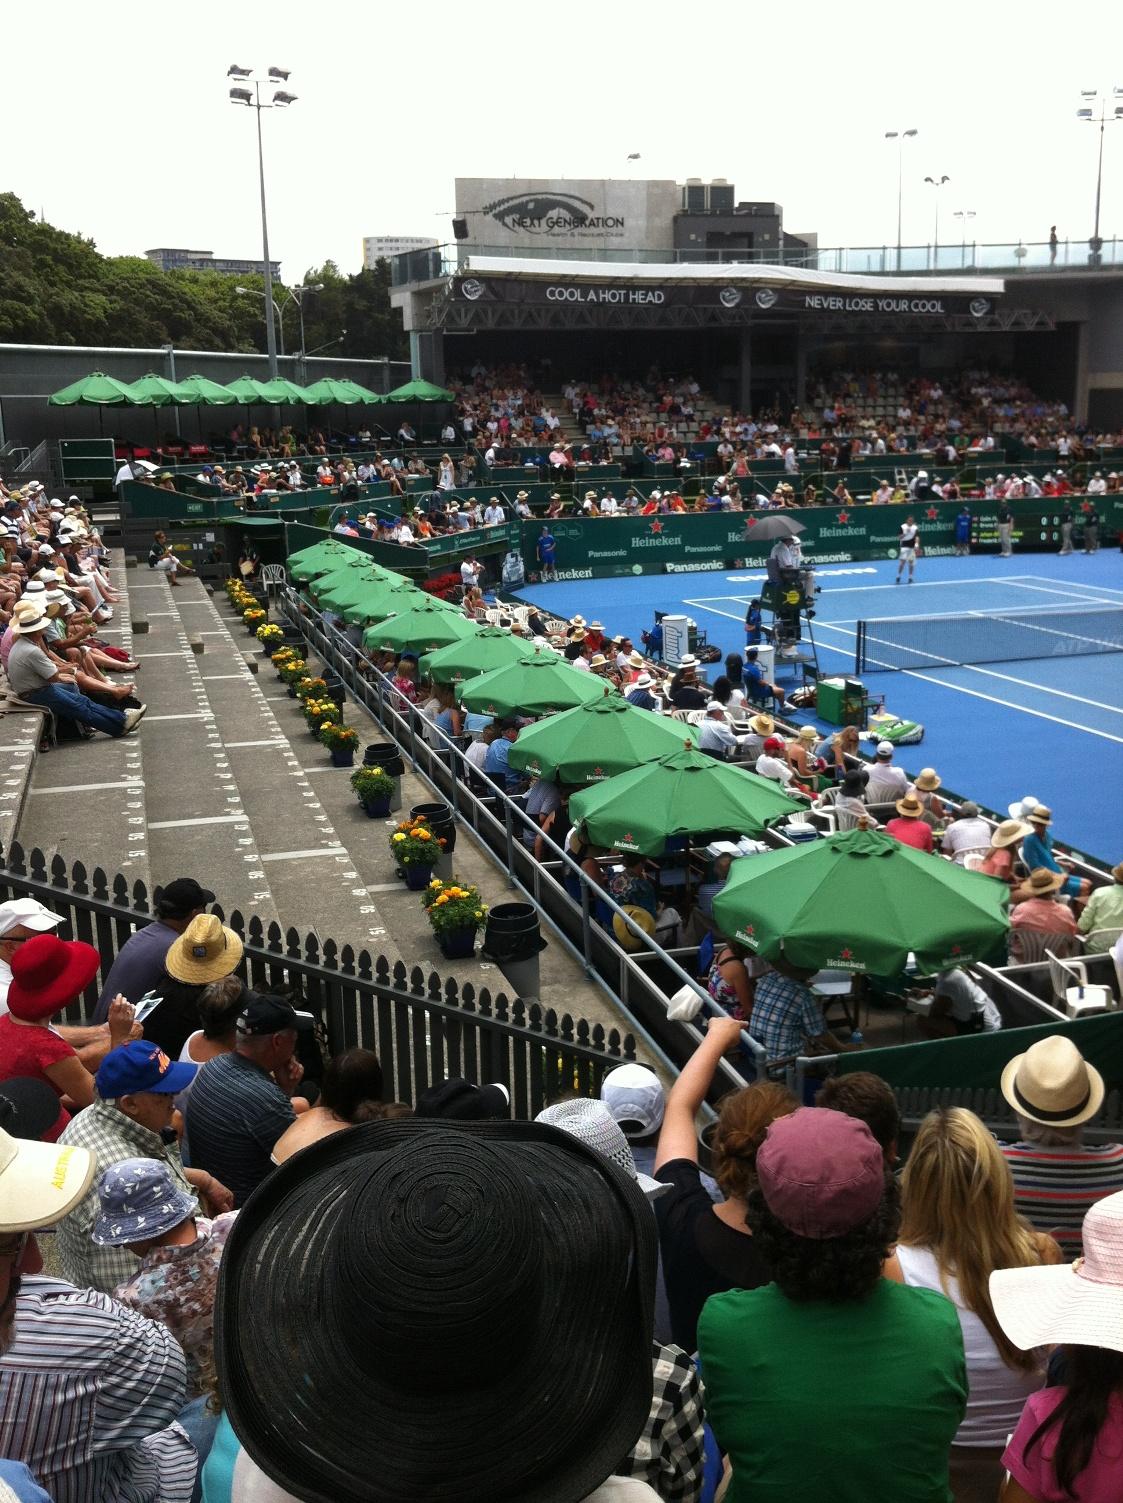 View from Yock Stand, Heineken Tennis Mens Final 2014